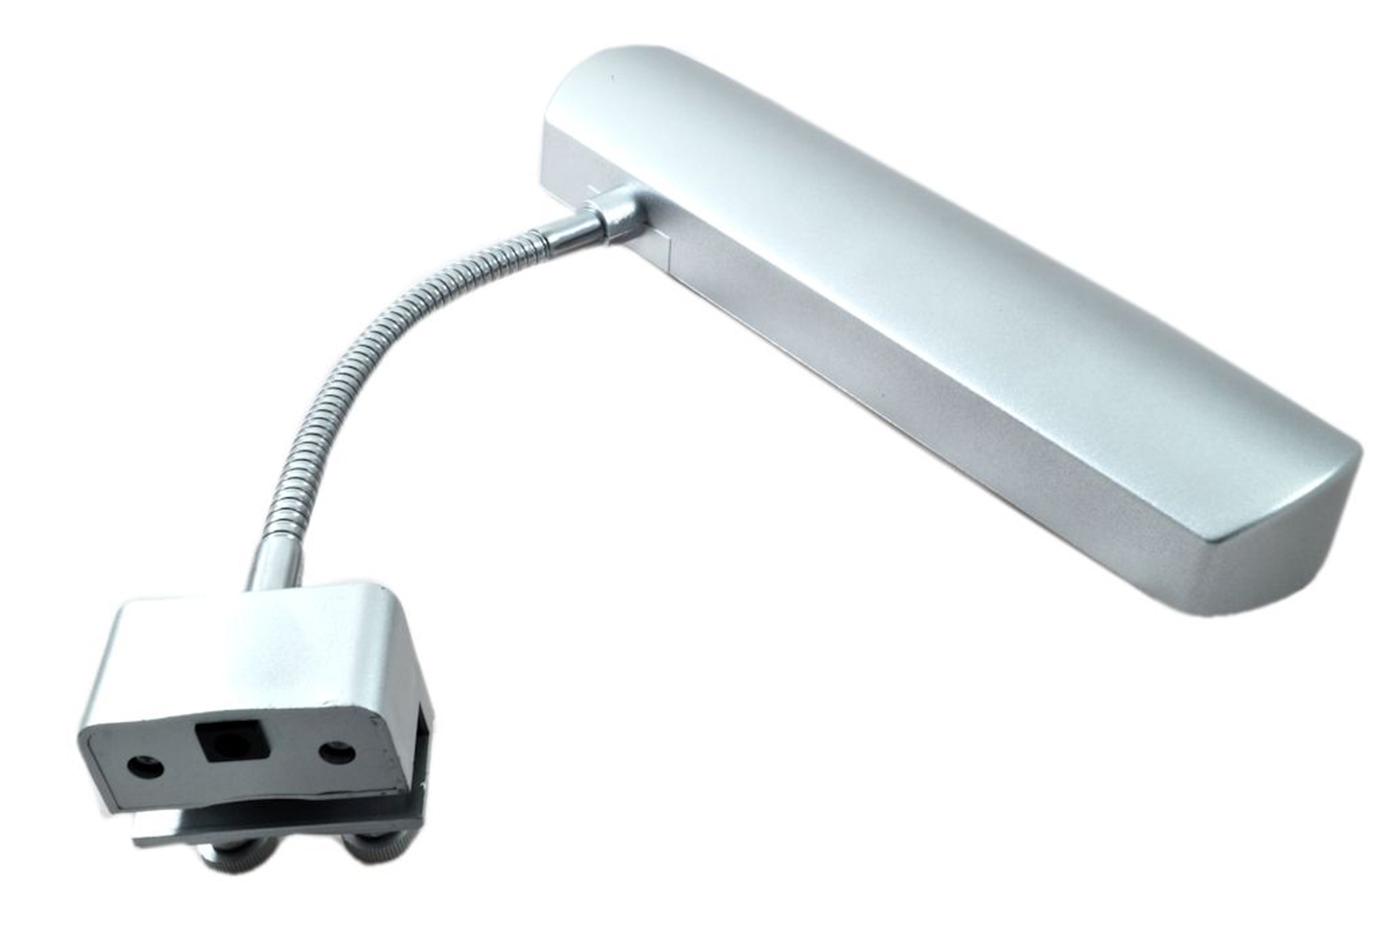 Plafoniere Con Bordo Legno : Medialux lampade a parete applique plafoniere moderne vendita